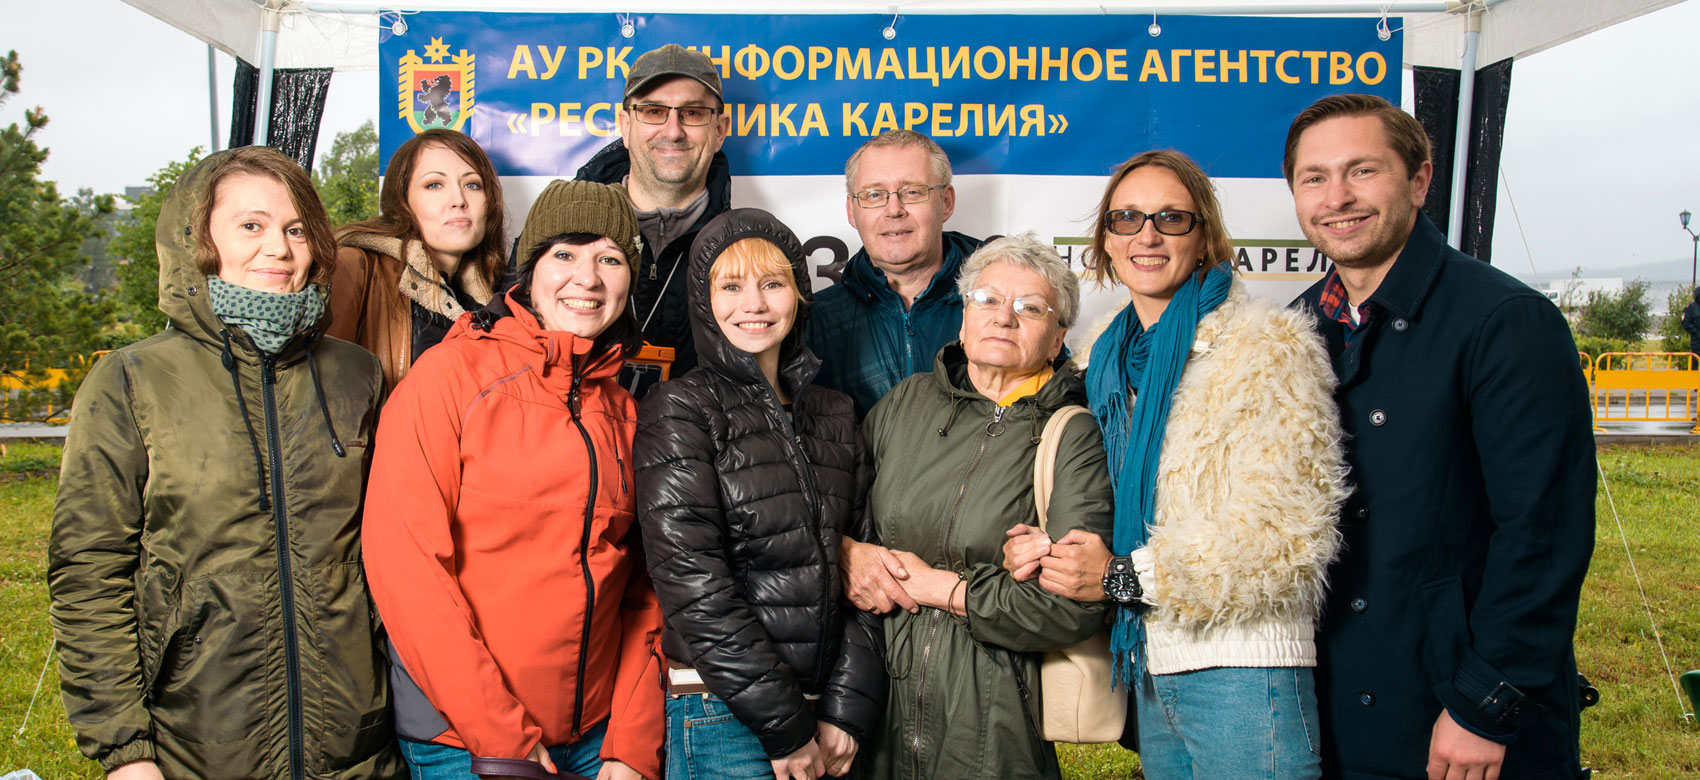 Сотрудники агентства на традиционной Аллее прессы в День города Петрозаводска 30 июня 2018 года